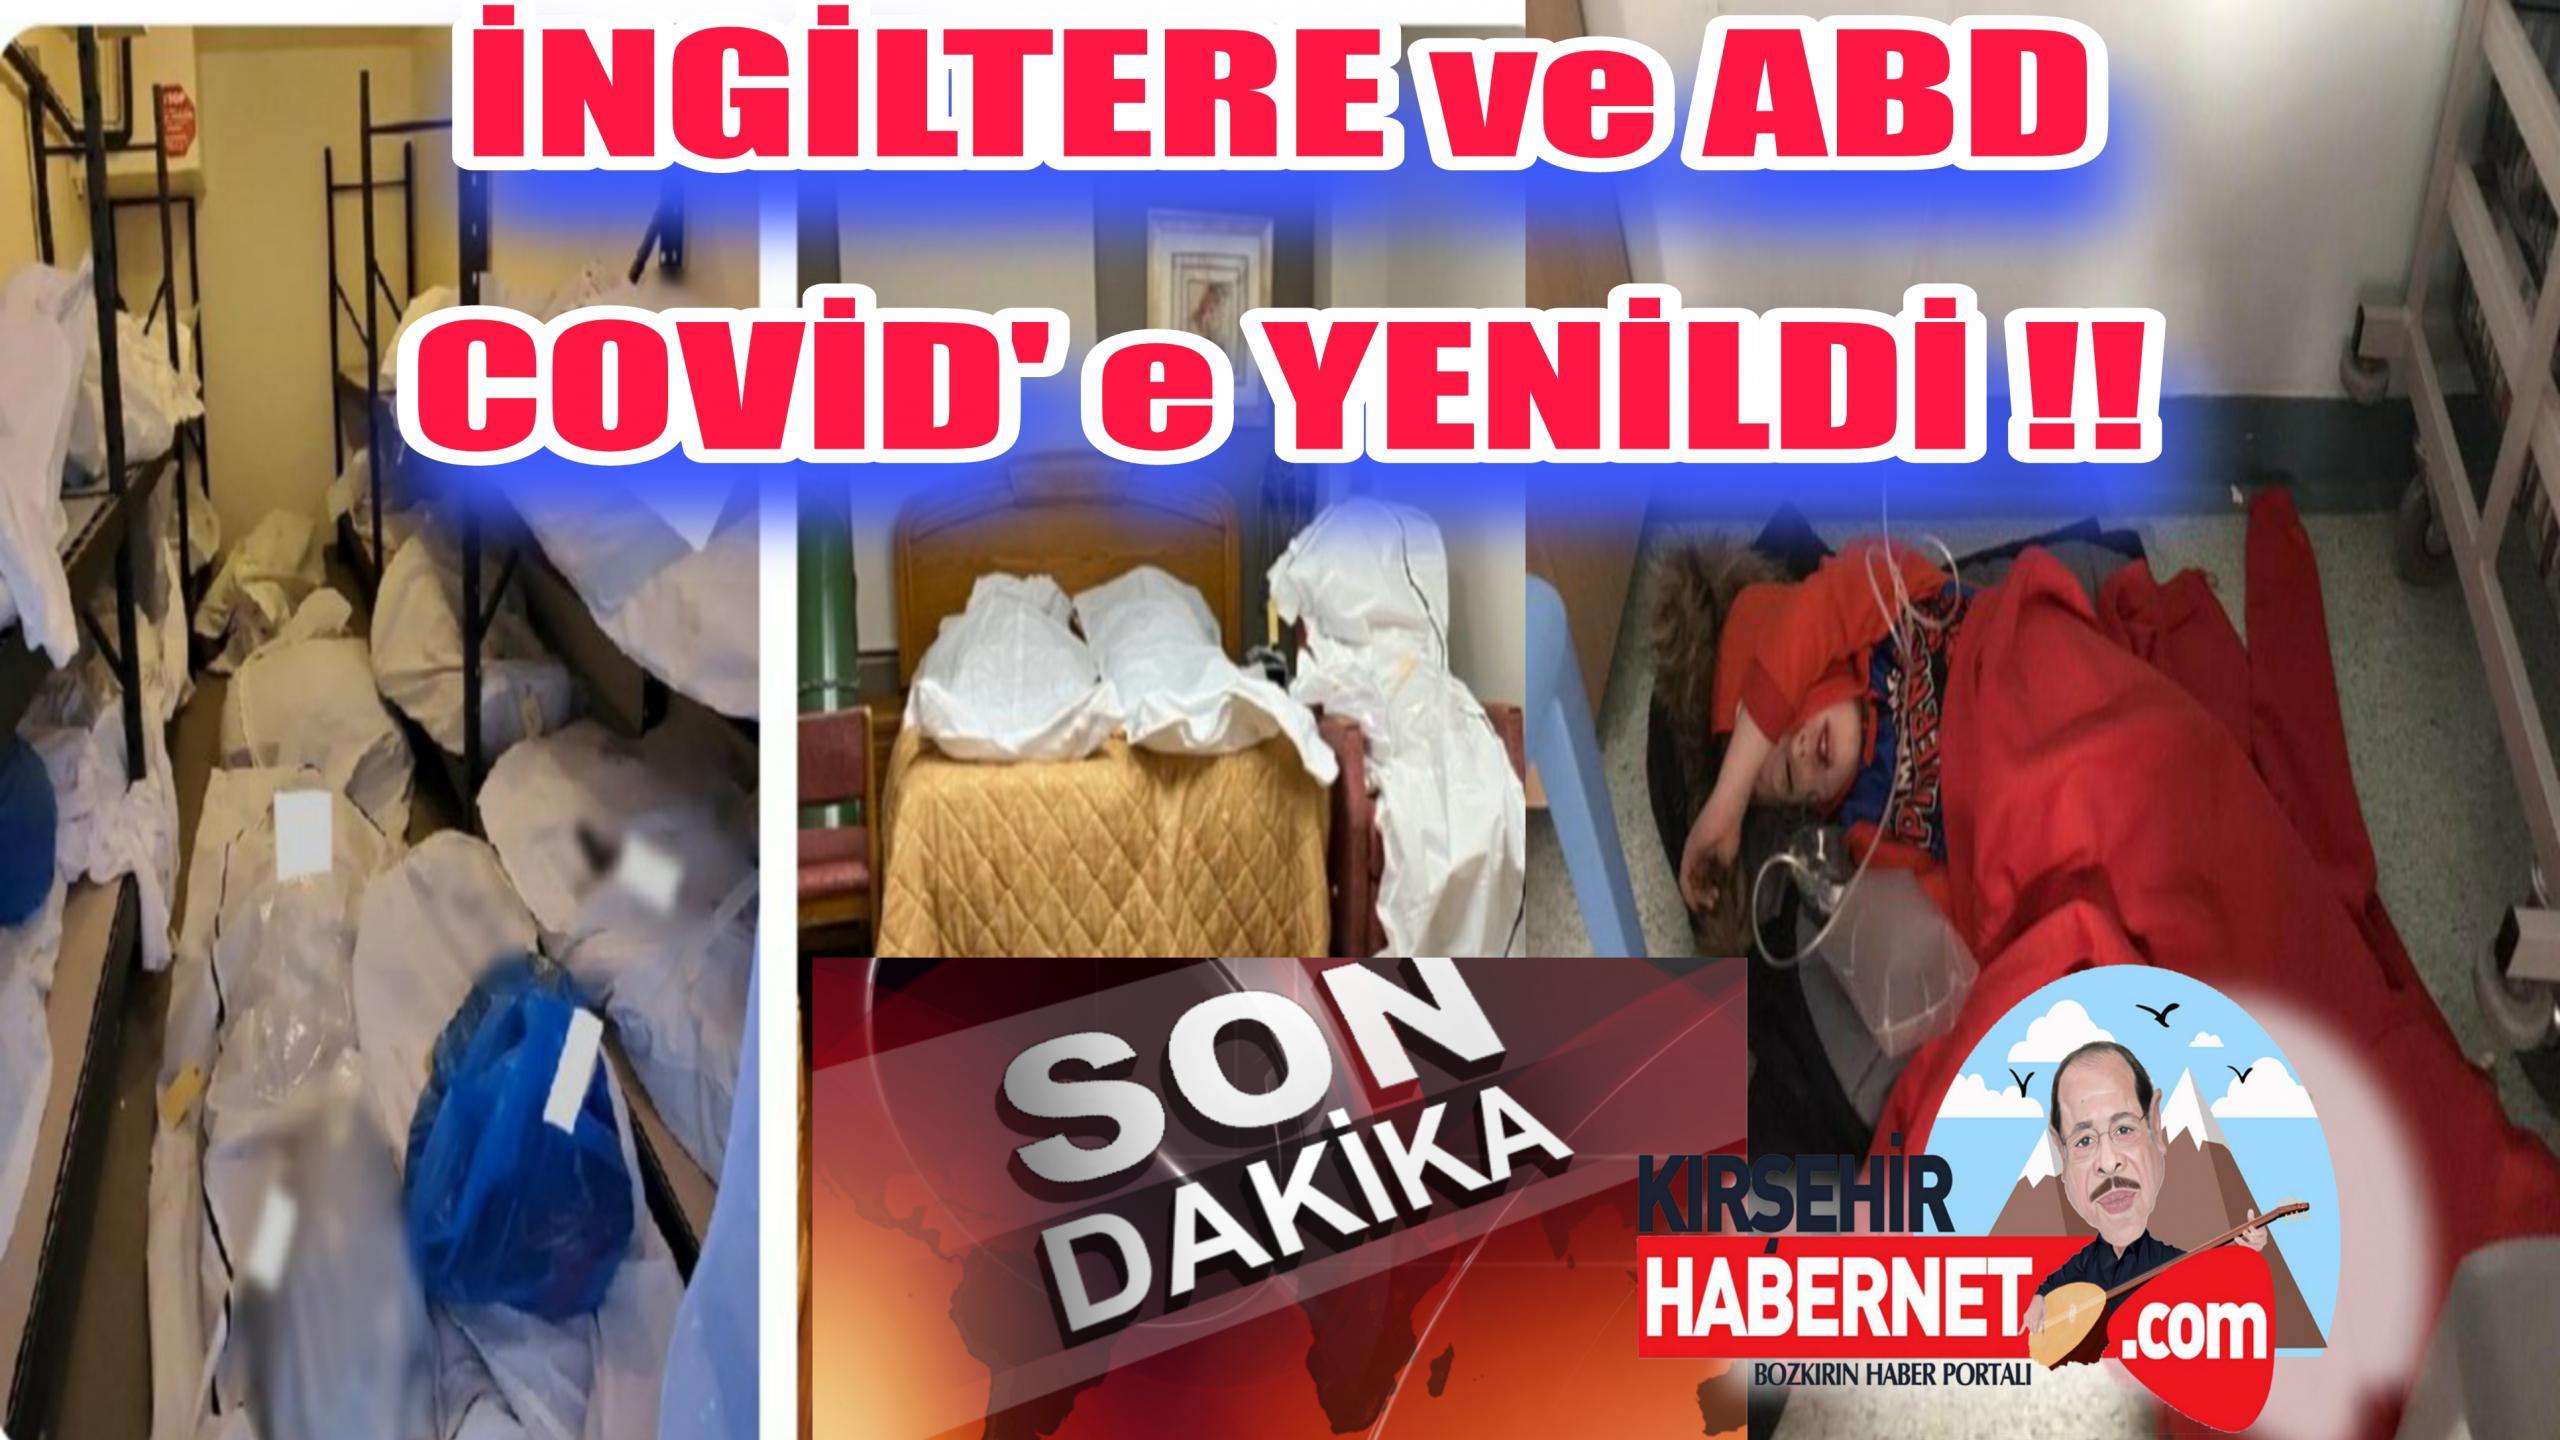 DÜNYA DEVLERİ SAĞLIKTA SIFIR ÇEKTİ !!